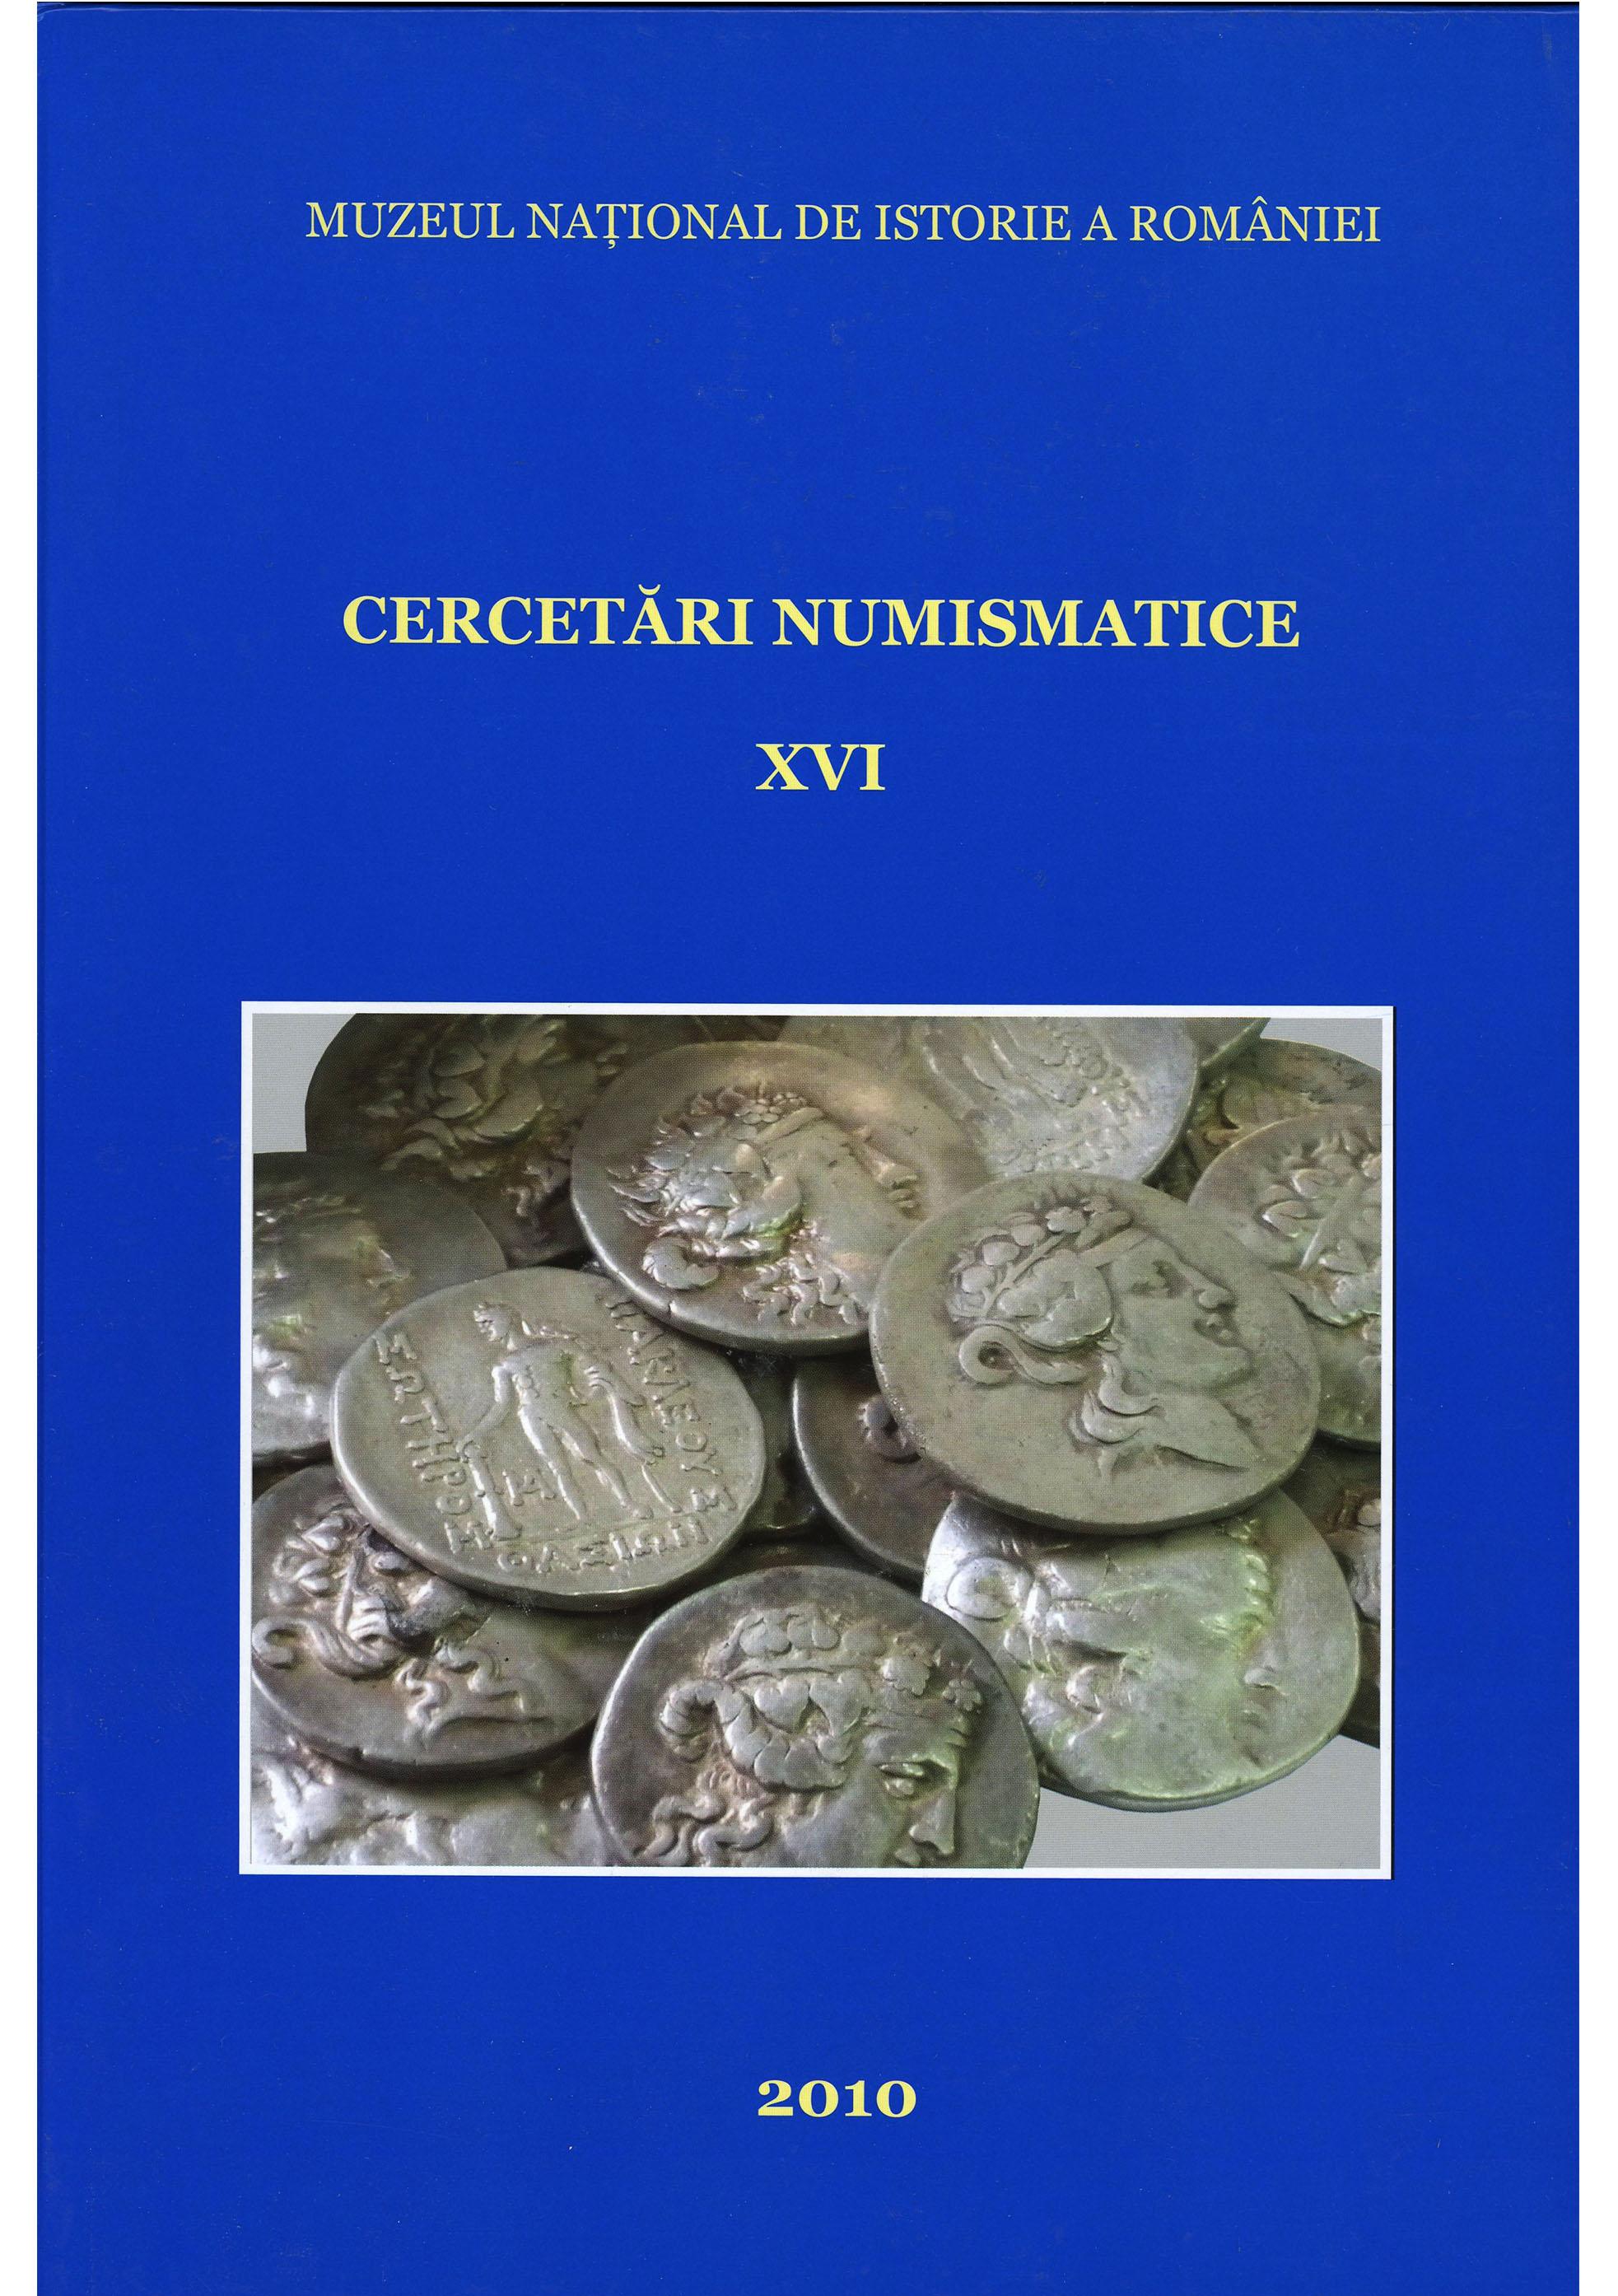 mnir_COP__0040_2010_Cercetari-numismatice-XVI_432pag